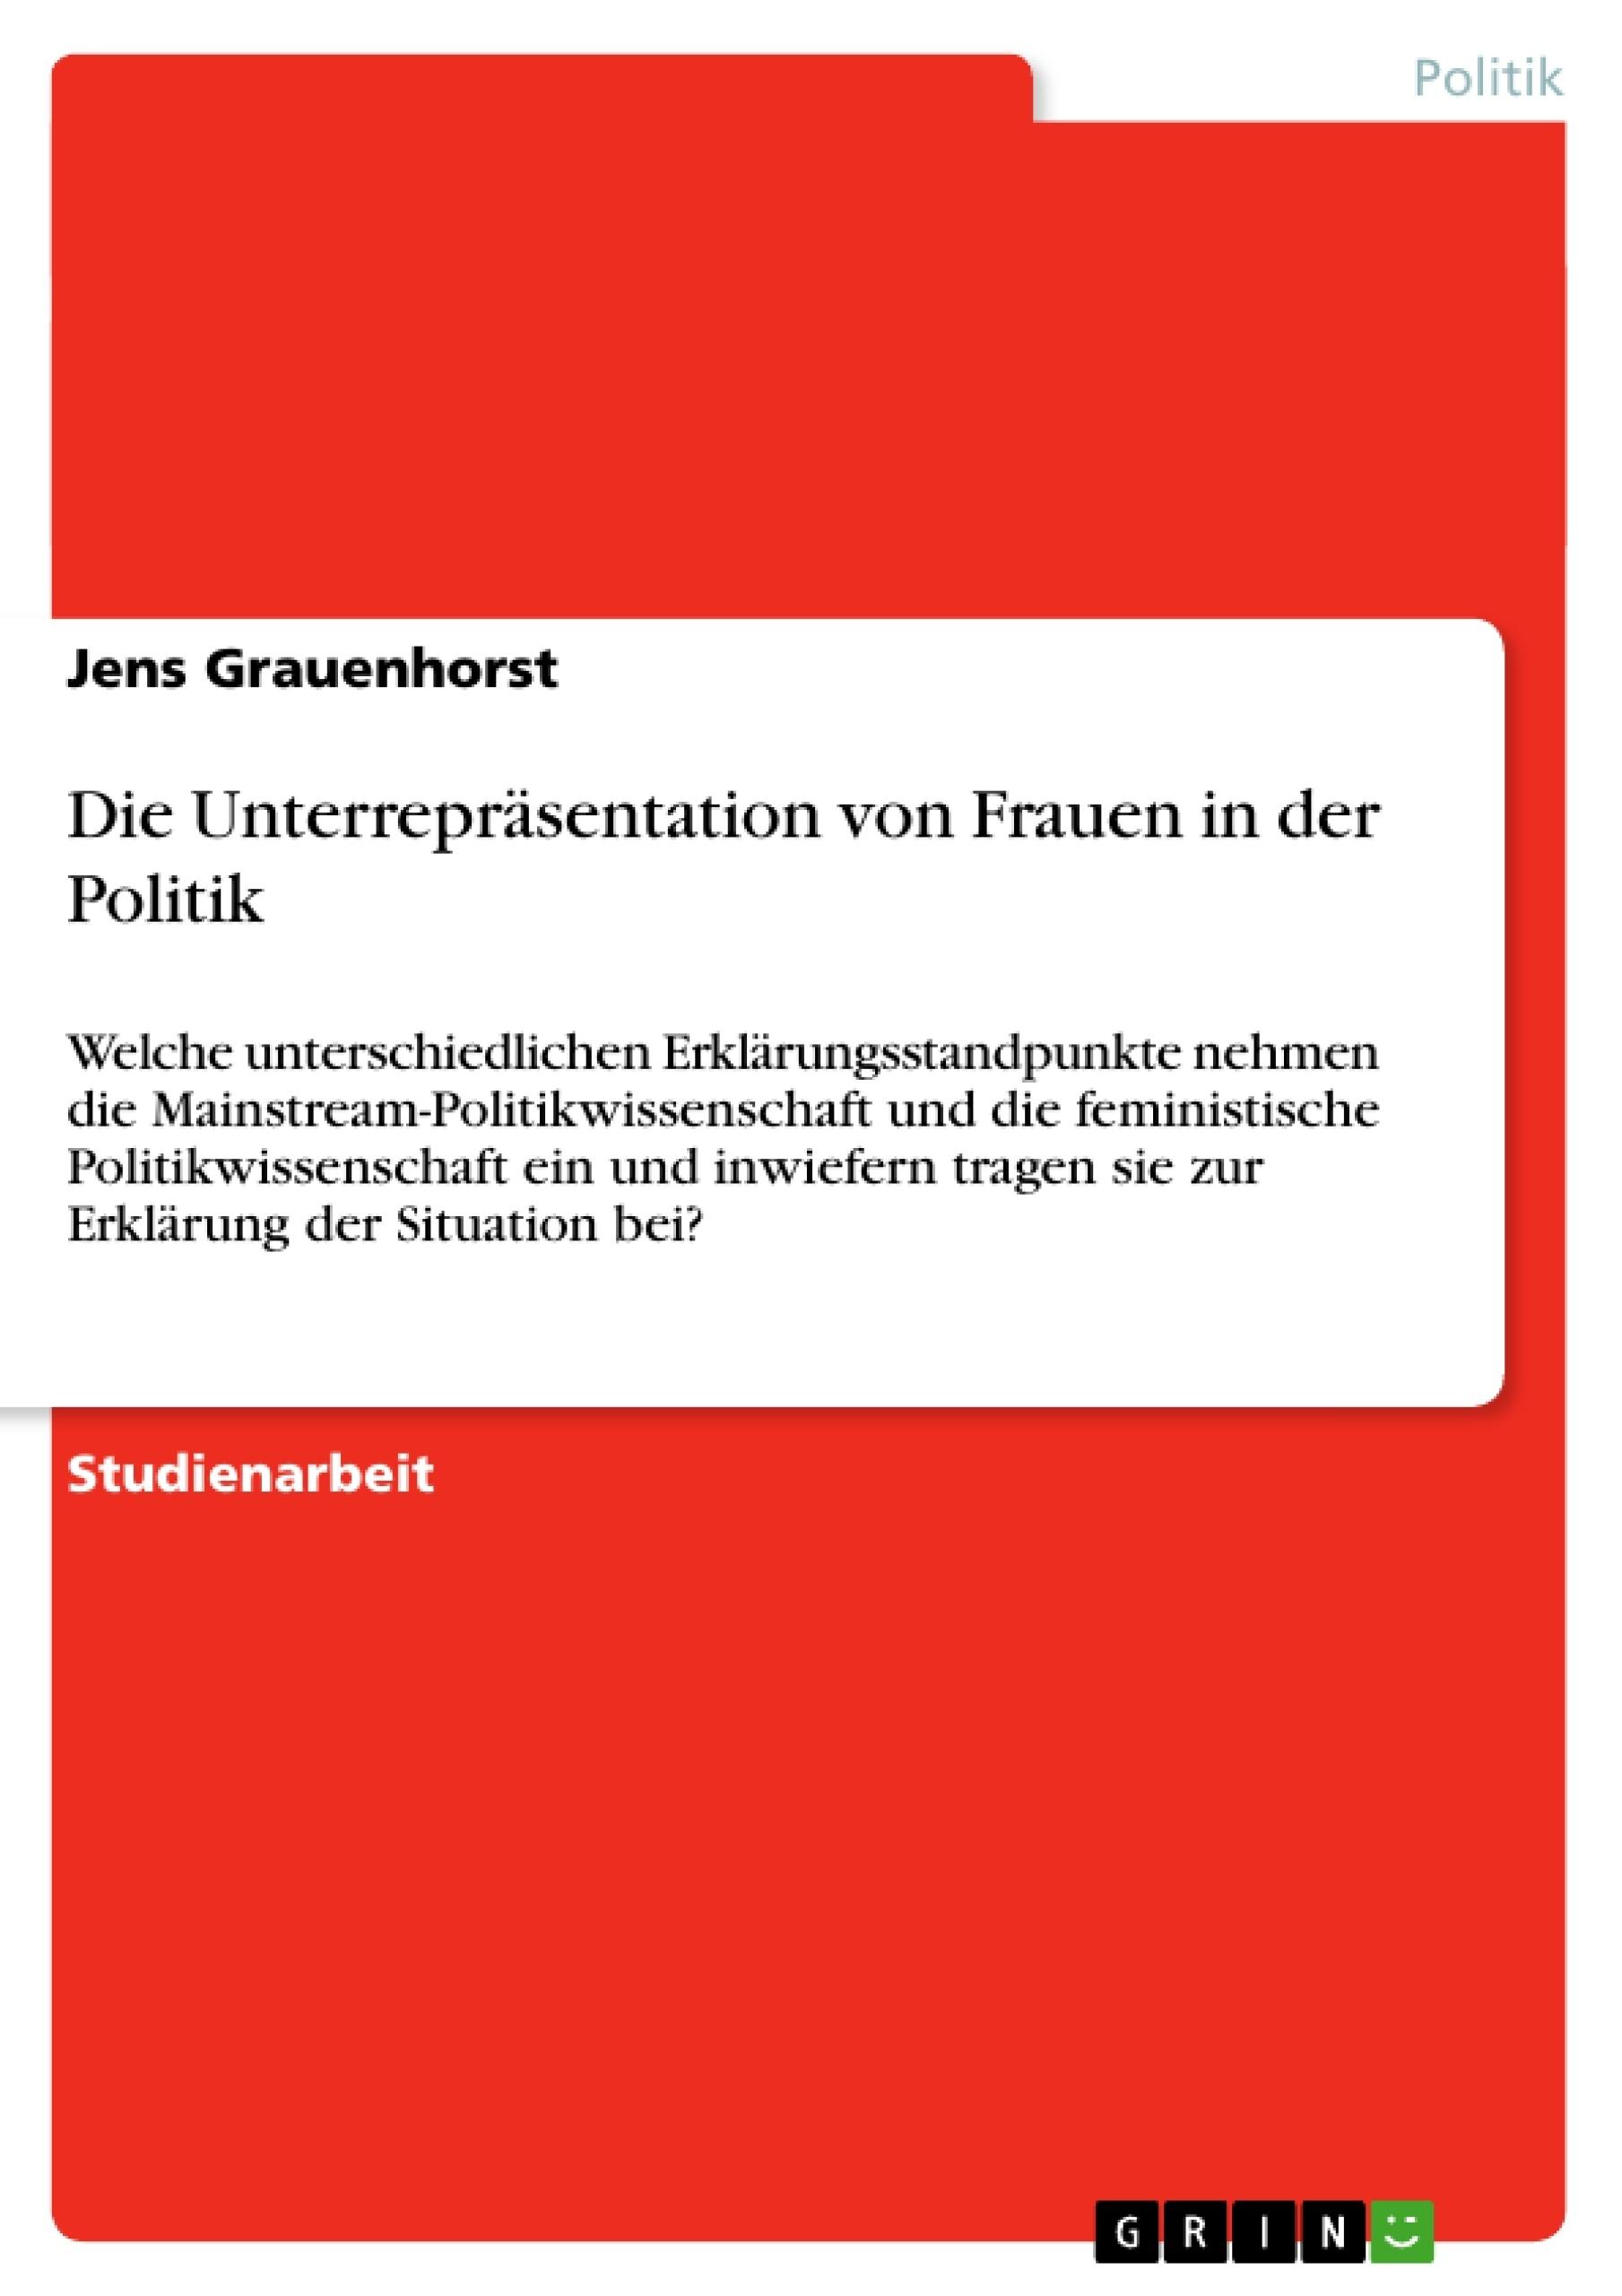 Titel: Die Unterrepräsentation von Frauen in der Politik